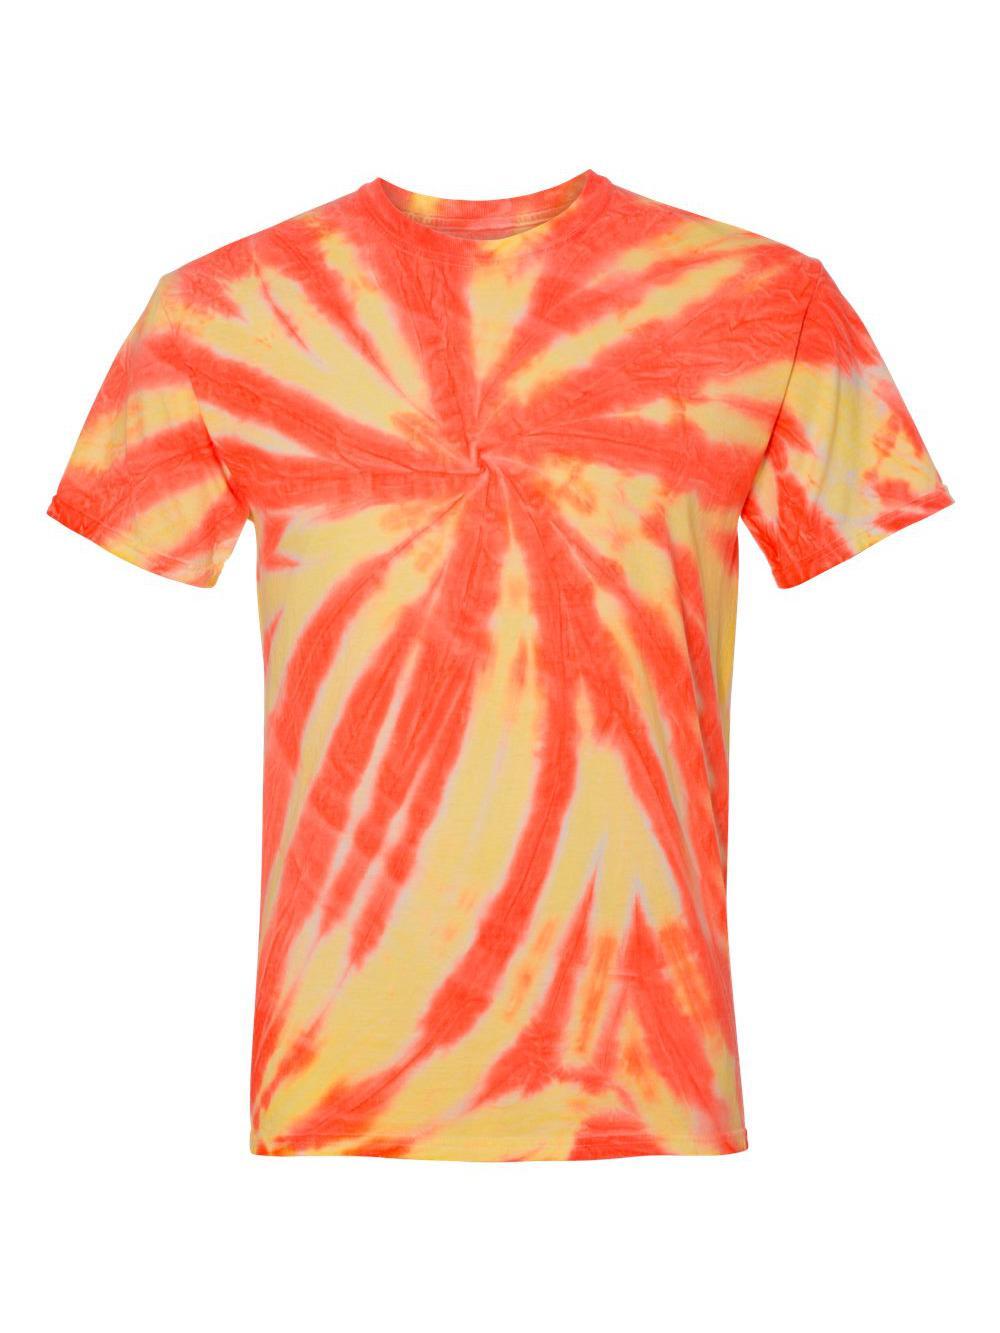 Dyenomite-Glow-in-the-Dark-T-Shirt-200GW thumbnail 3